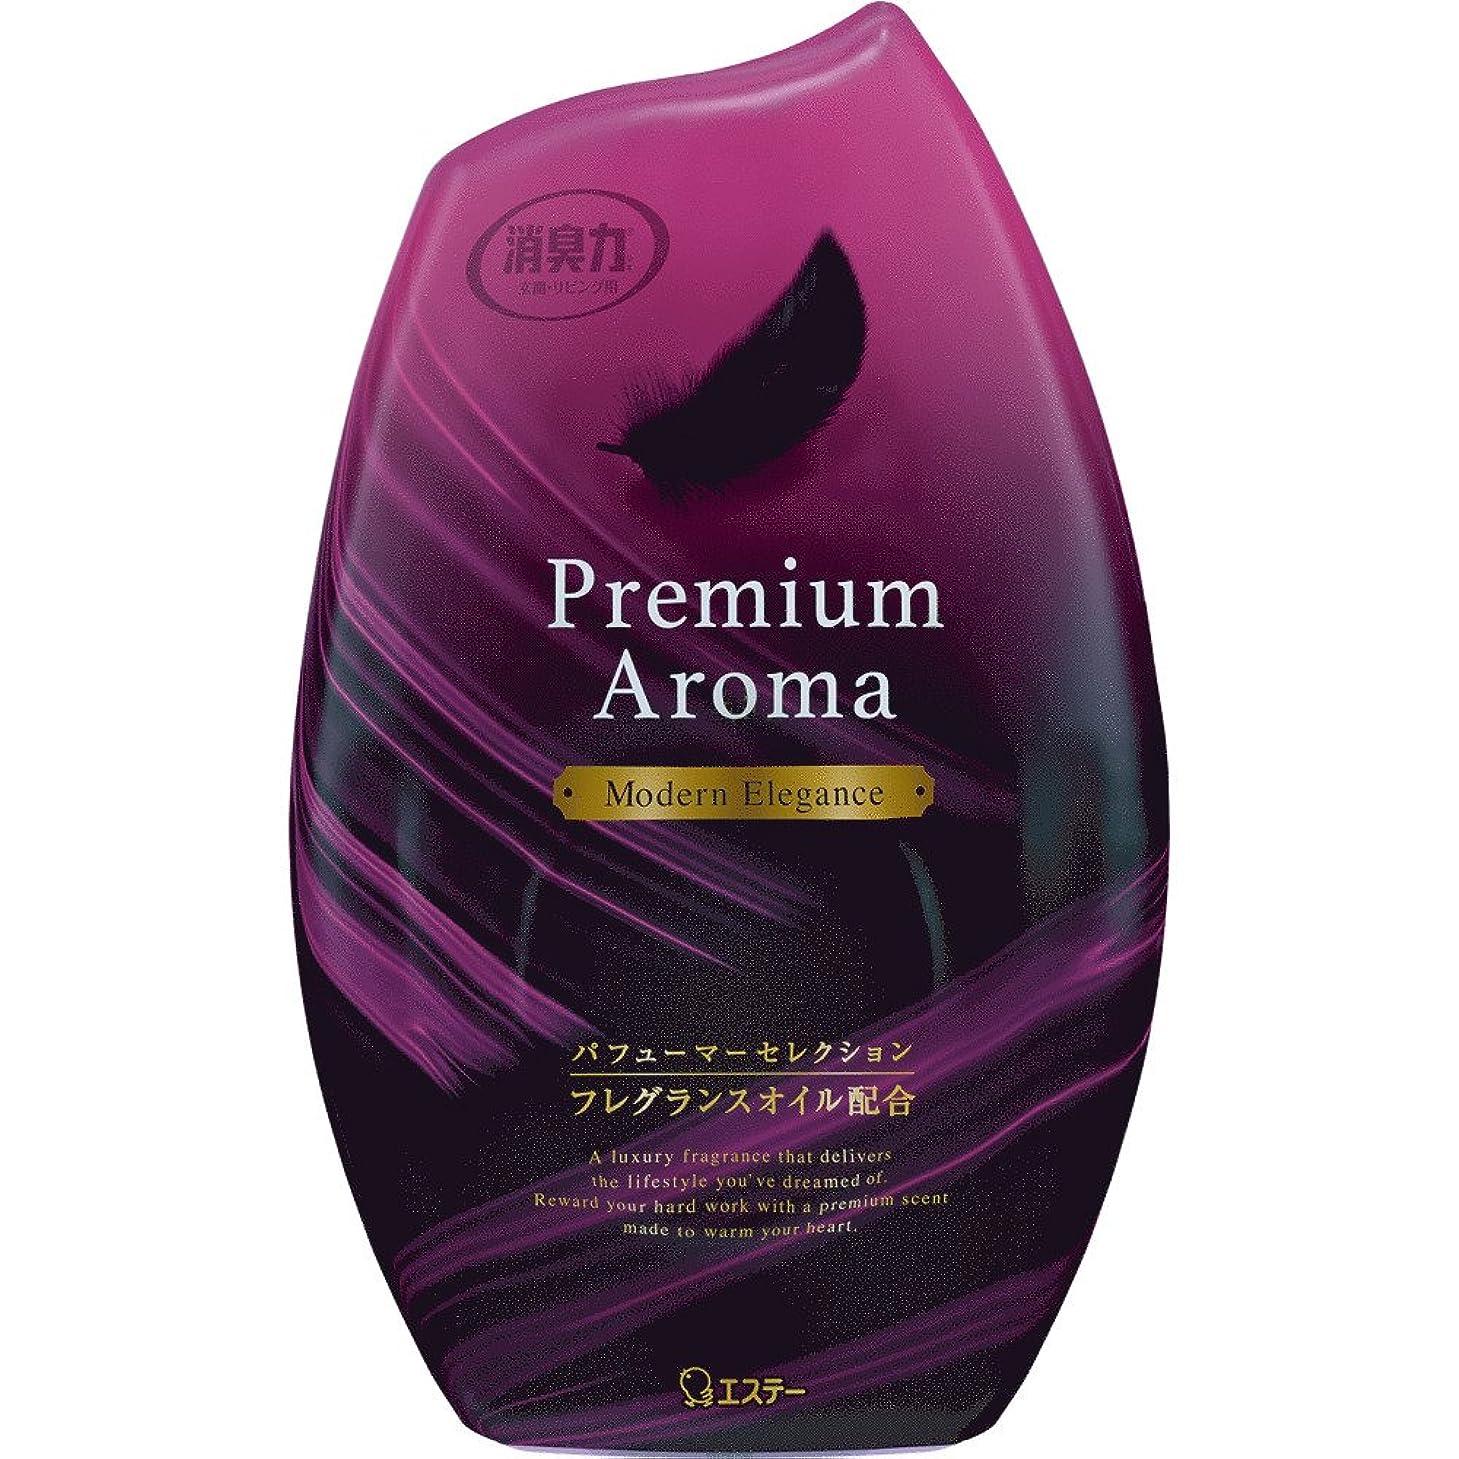 ボット慢性的クレデンシャルお部屋の消臭力 プレミアムアロマ Premium Aroma 消臭芳香剤 部屋用 部屋 モダンエレガンスの香り 400ml